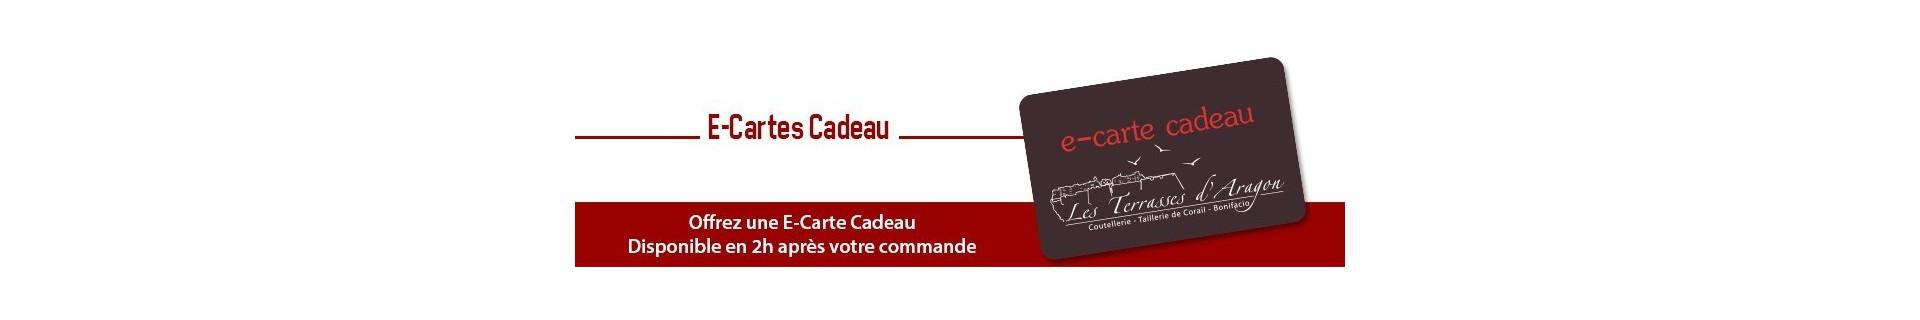 E-Cartes Cadeau